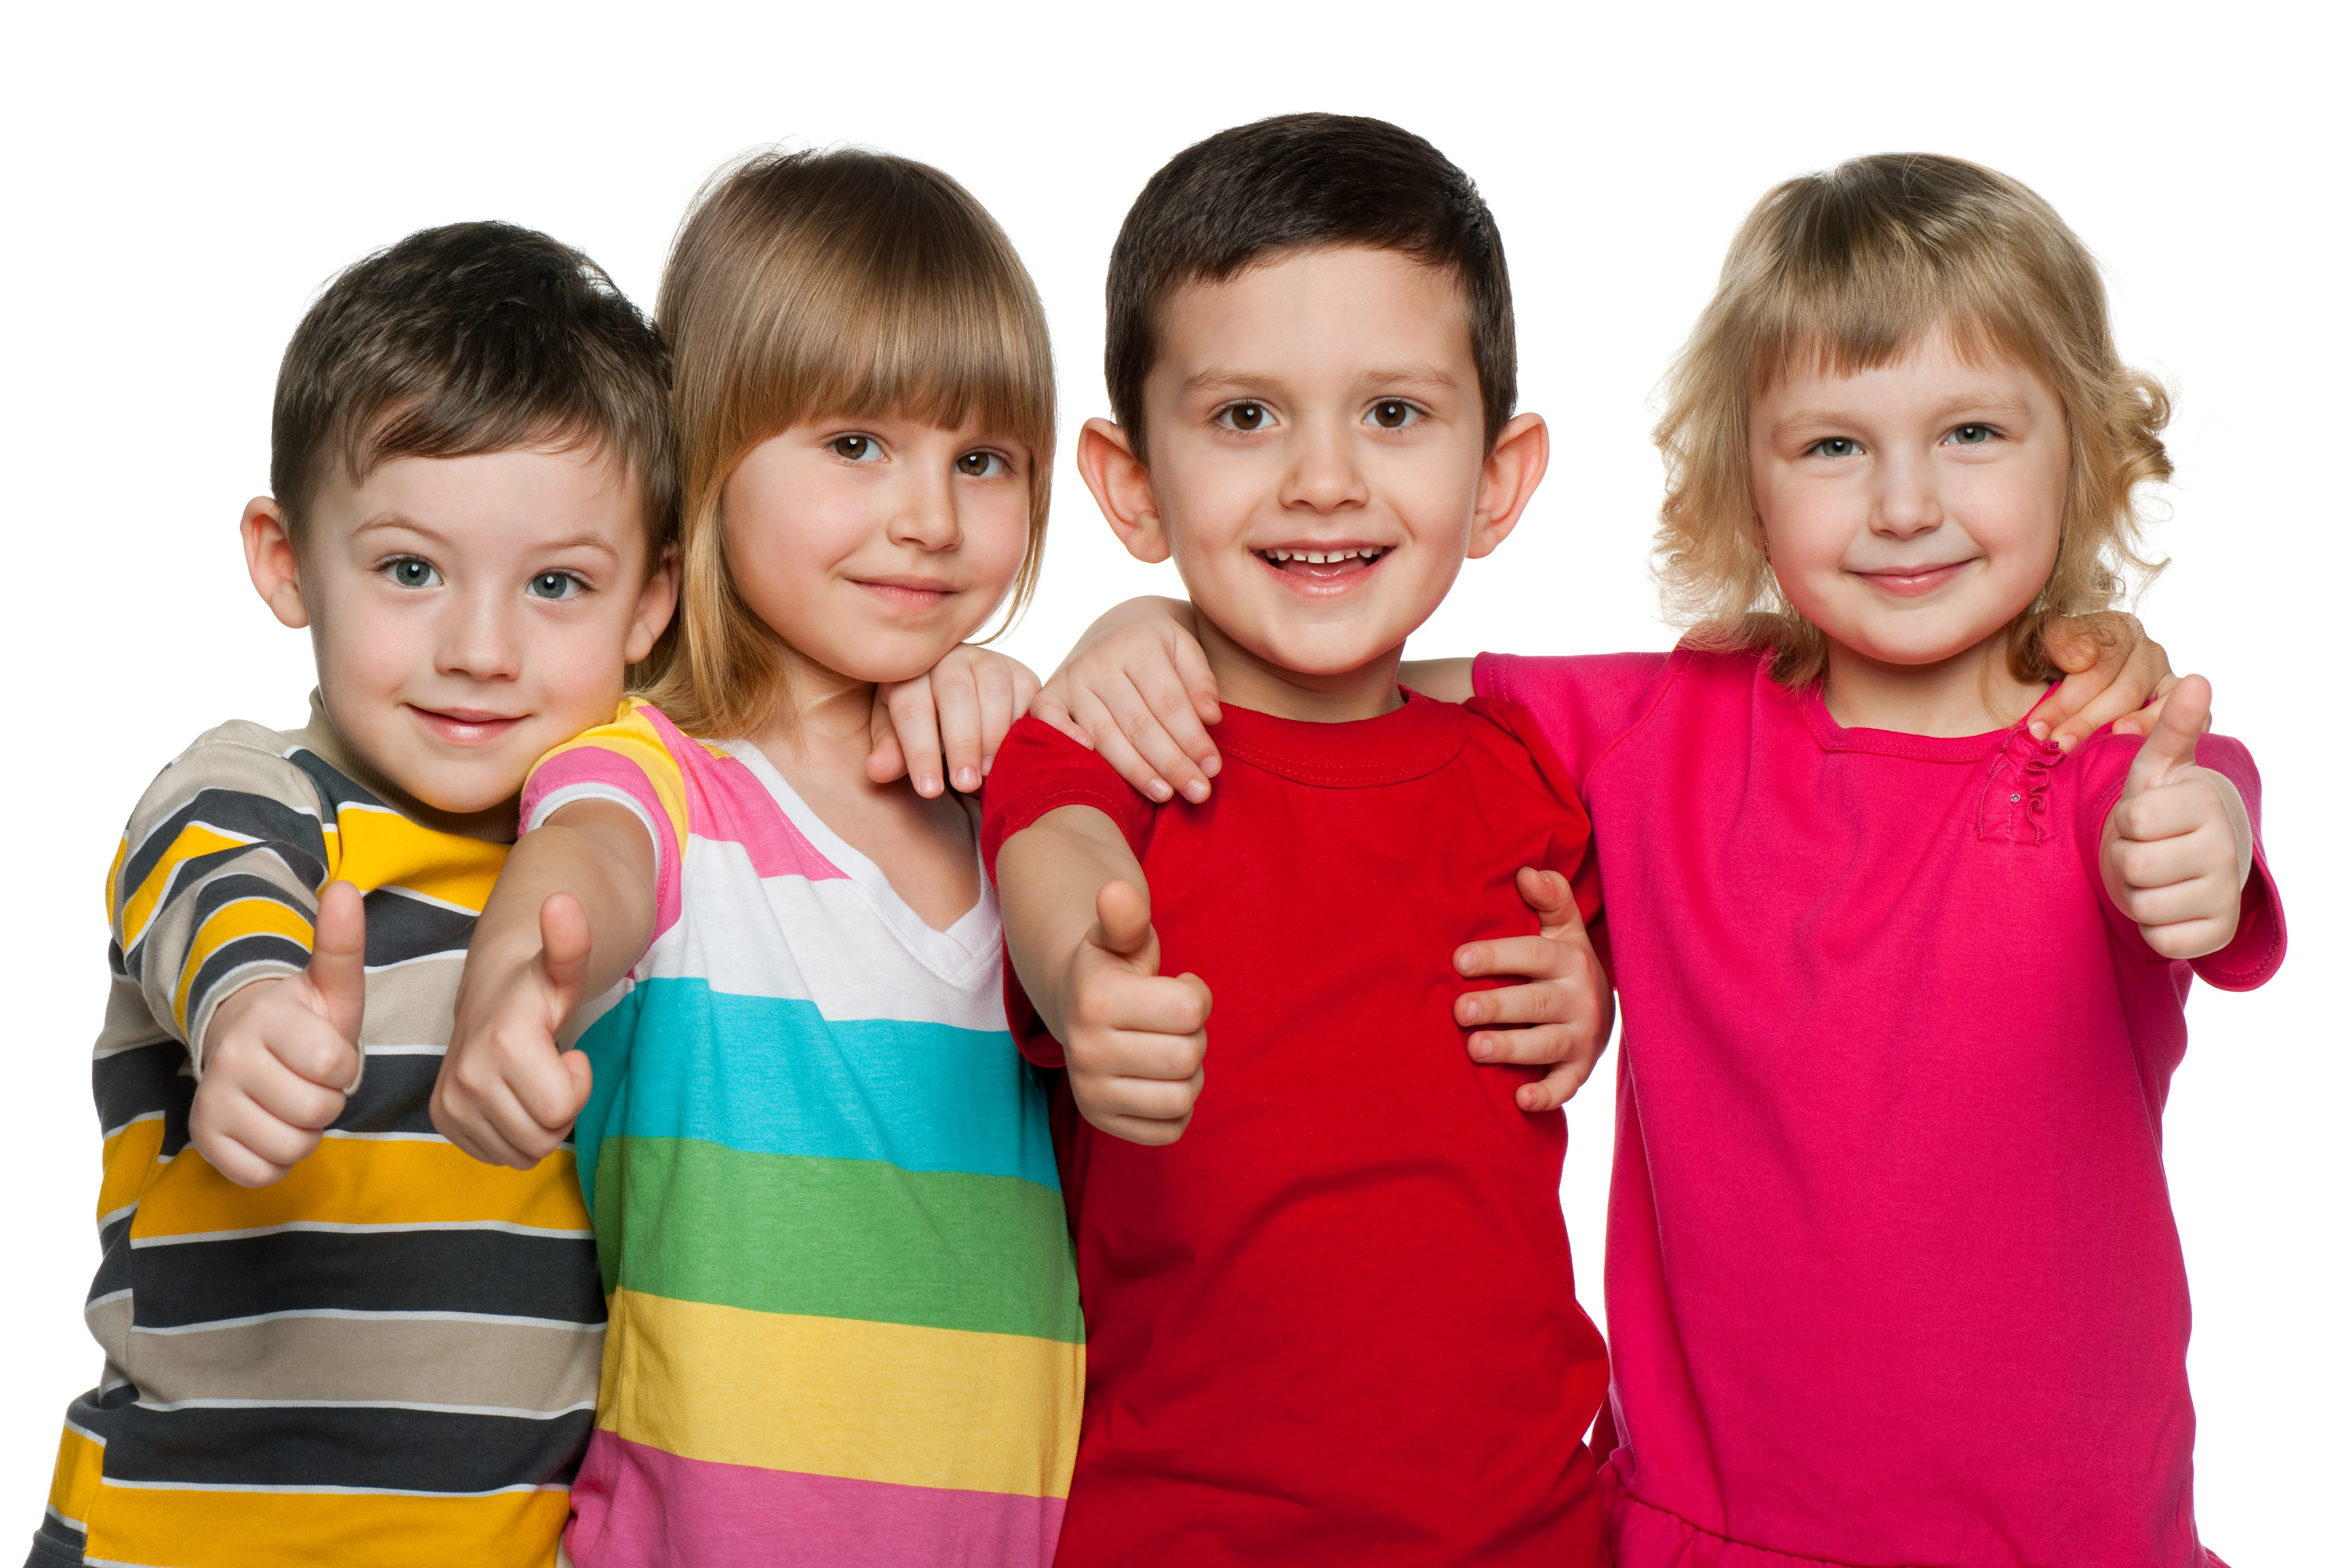 Marketing: cómo captar la atención de los niños | EmprendedoresTV